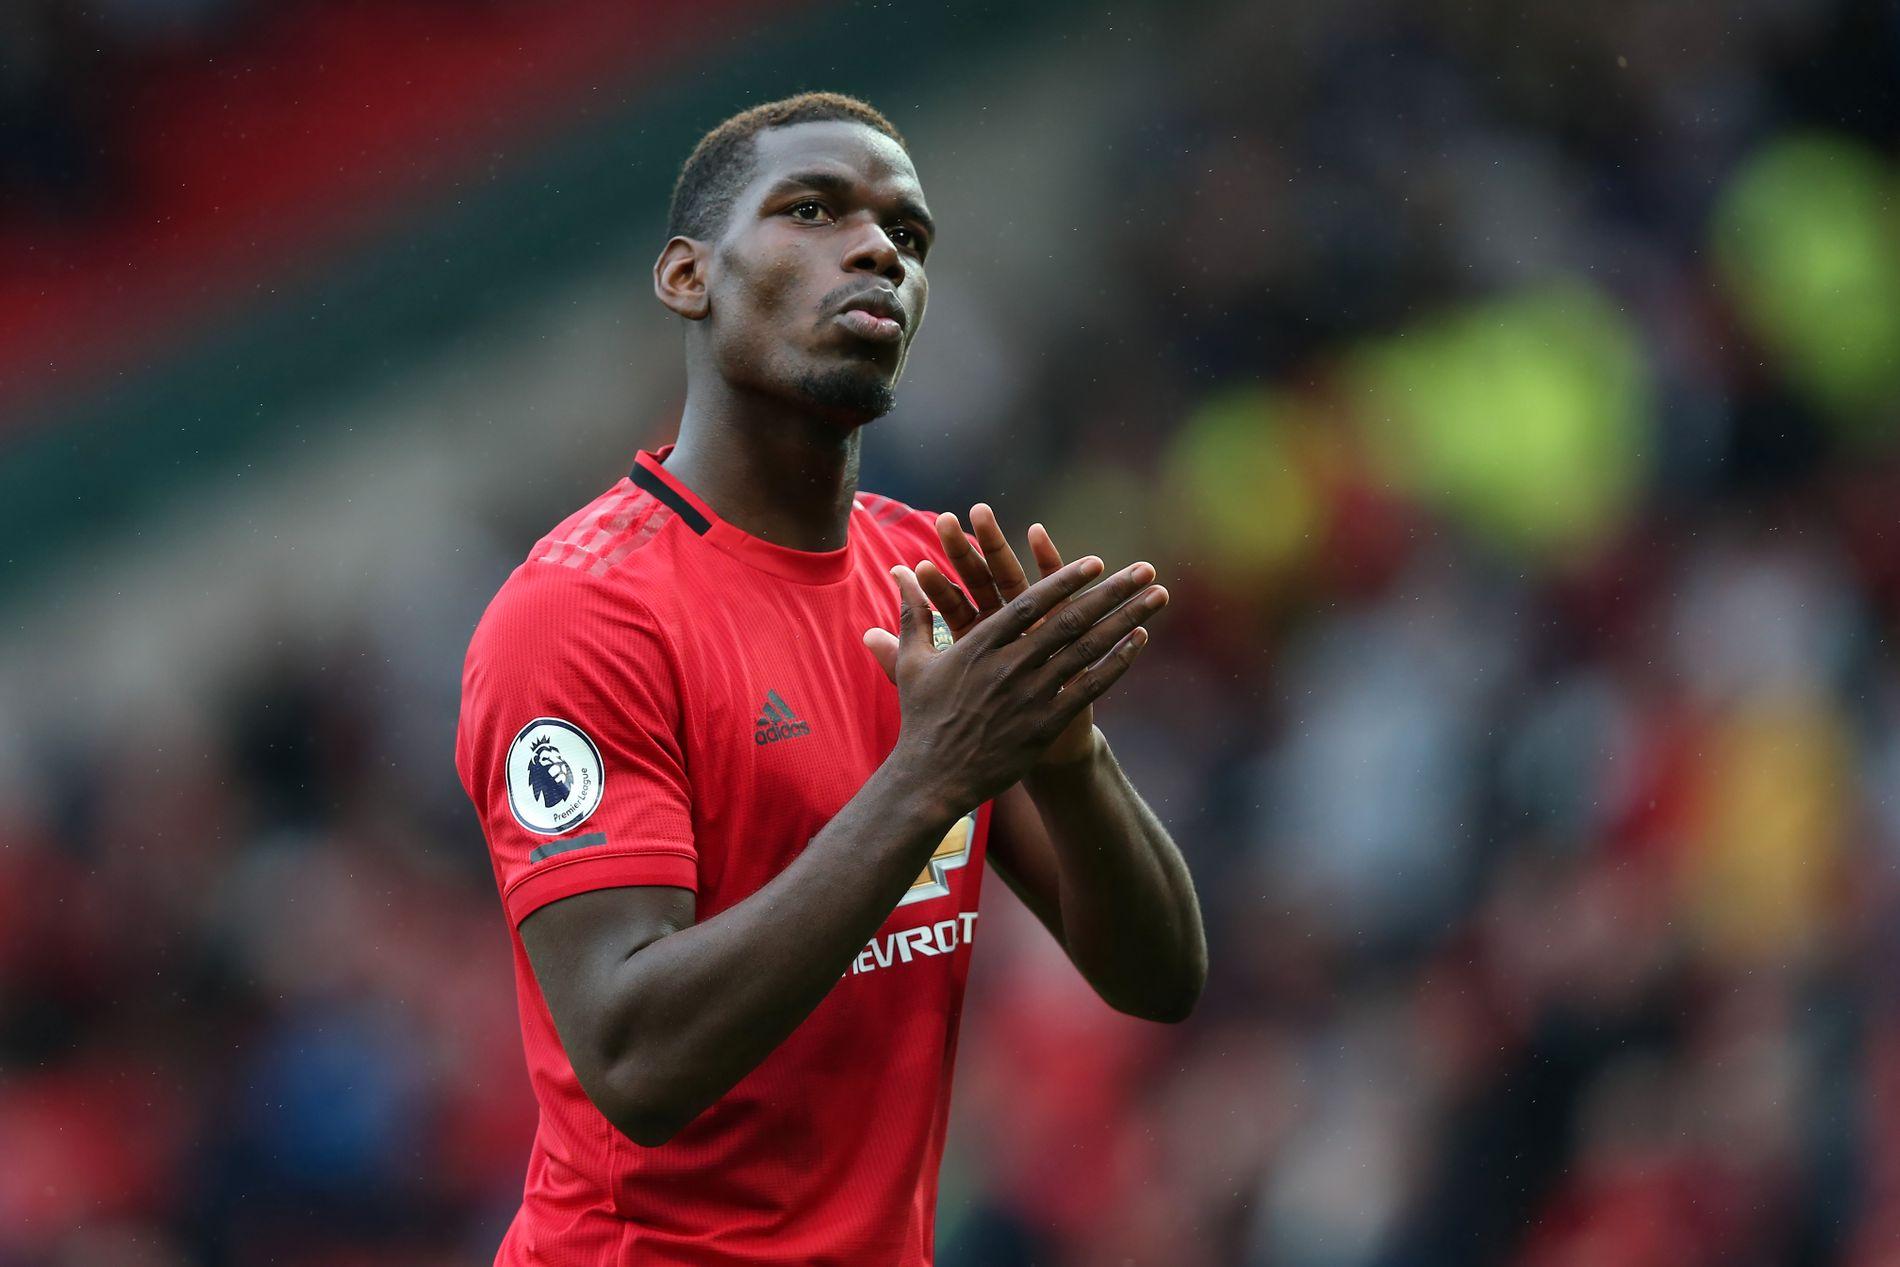 STERK START: Det er usikkerhet rundt Paul Pogba etter noen «bråkete» sommermåneder, men han åpnet meget bra og brukte lang tid på å takke fansen etter kampen.